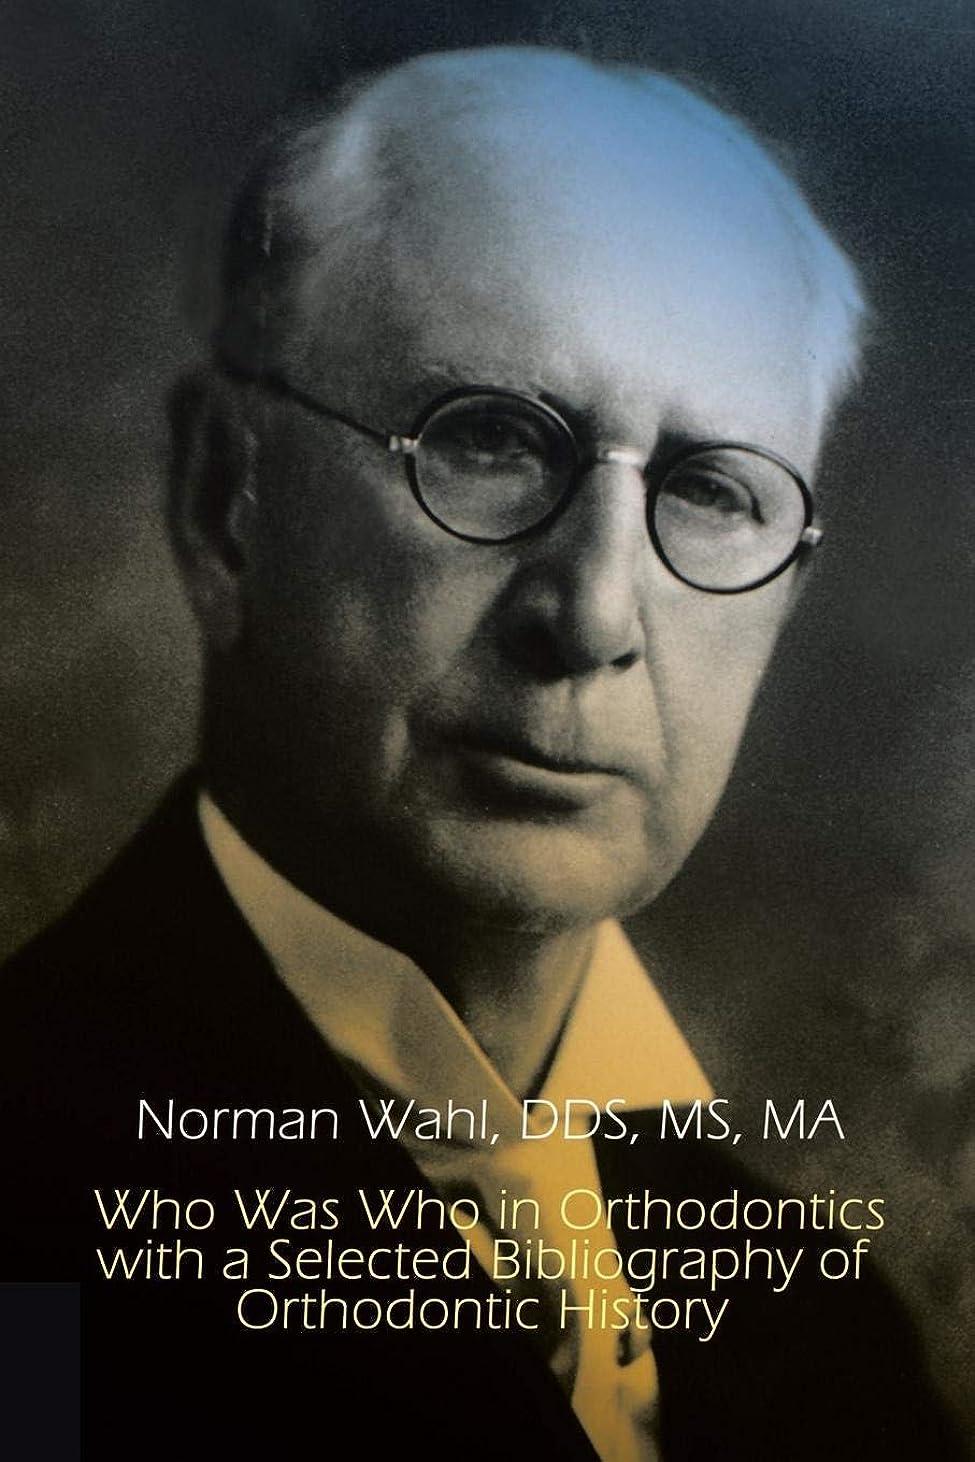 統合グリーンランドサージWho Was Who in Orthodontics With a Selected Bibliography of Orthodontic History (1st Books Library)